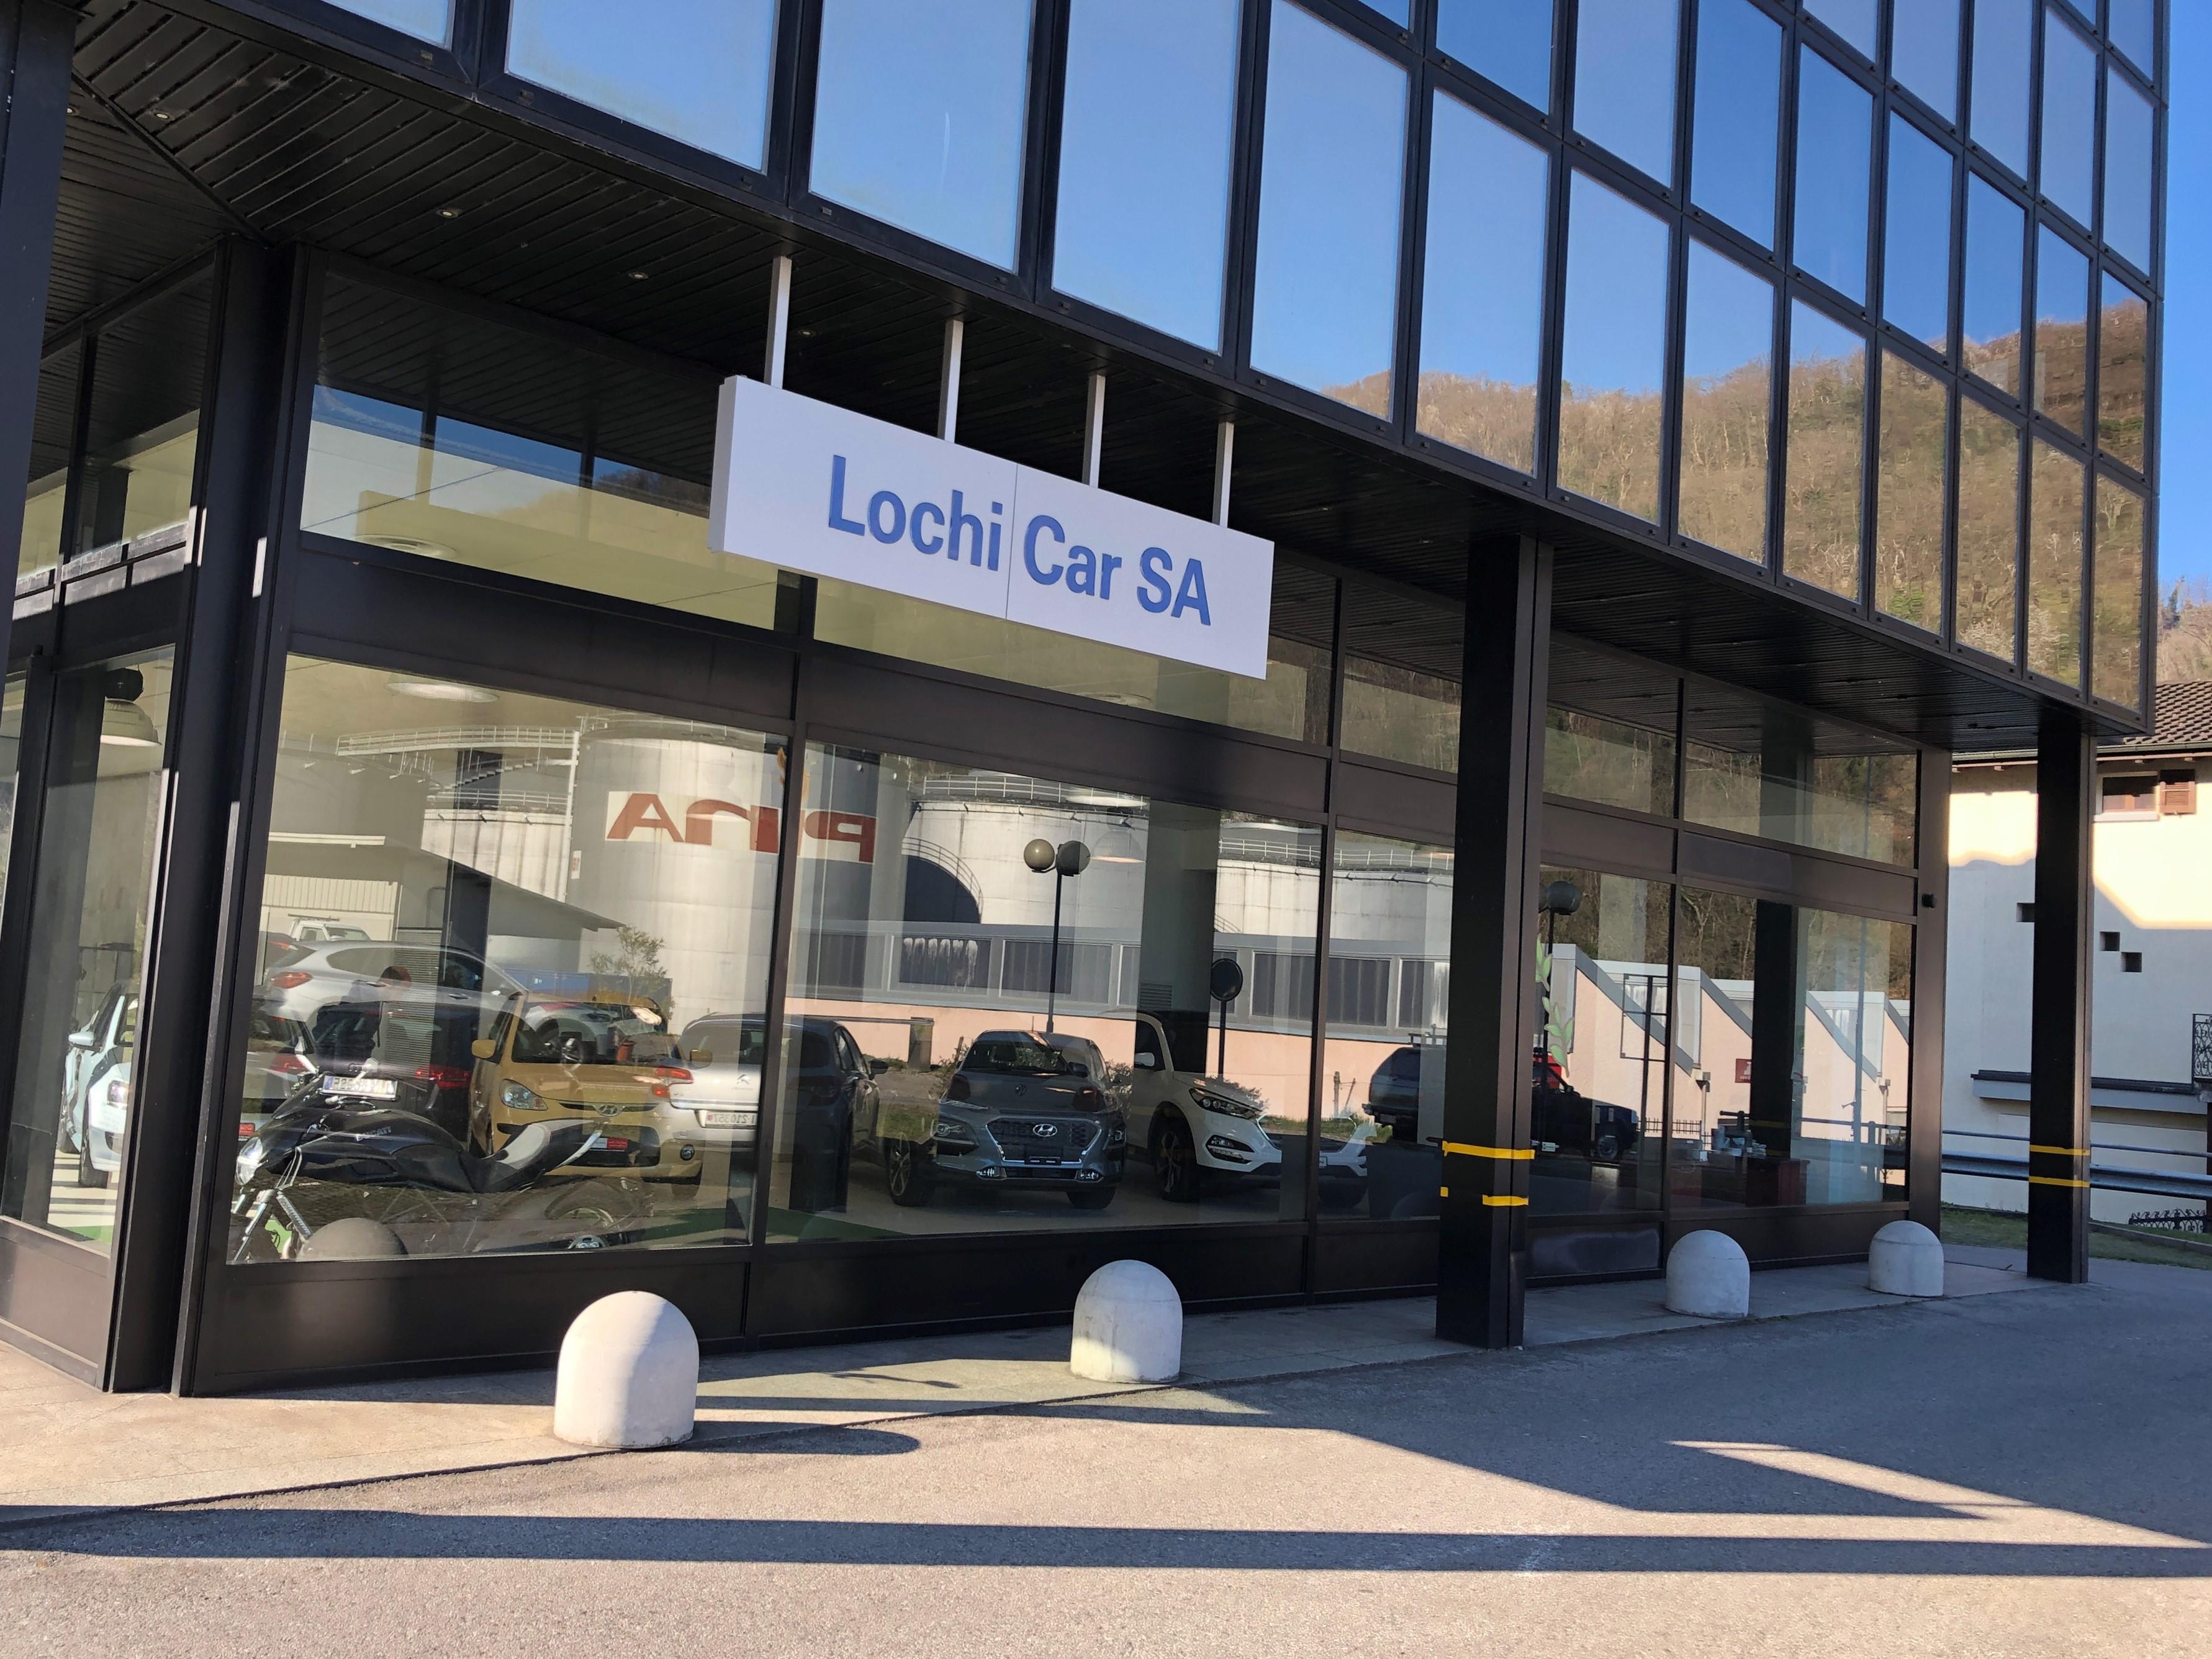 Bild Lochi Car SA